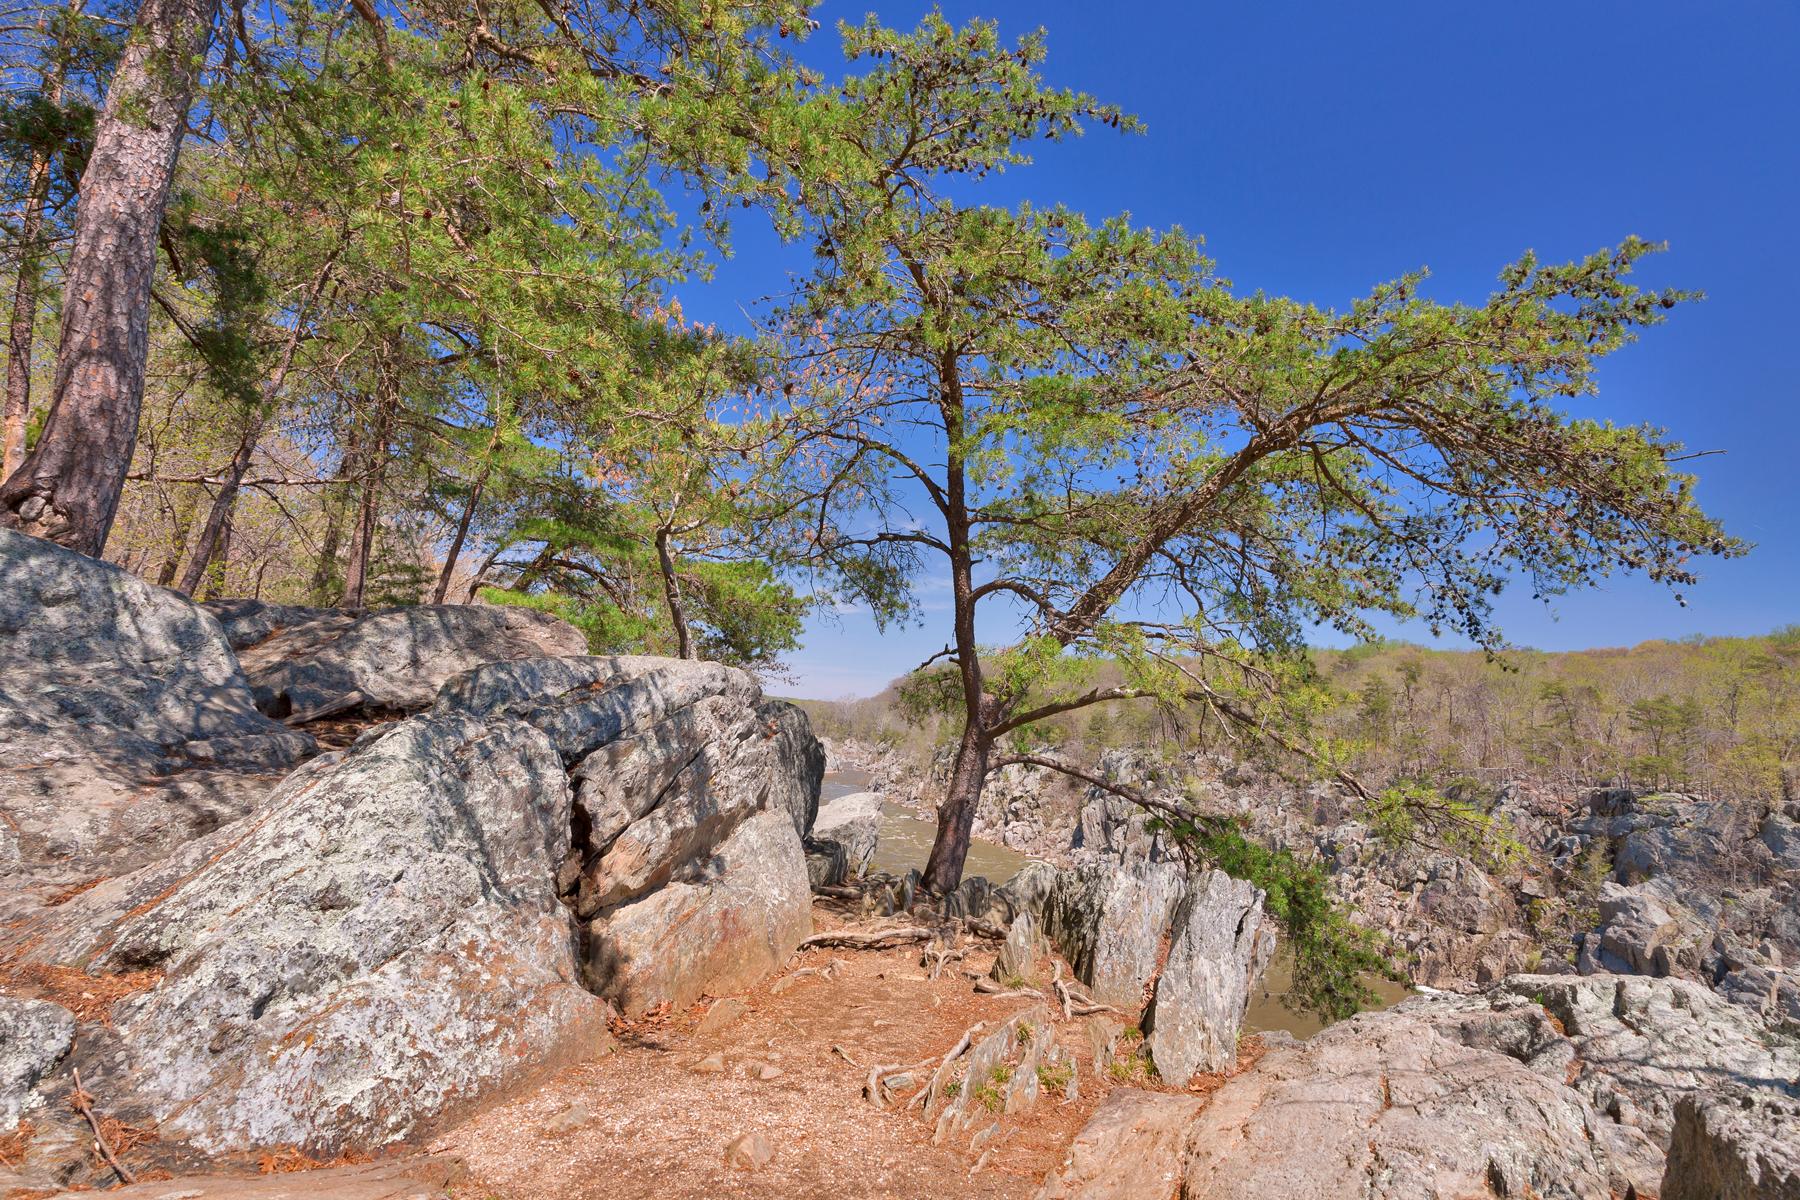 Great falls rocks & foliage photo